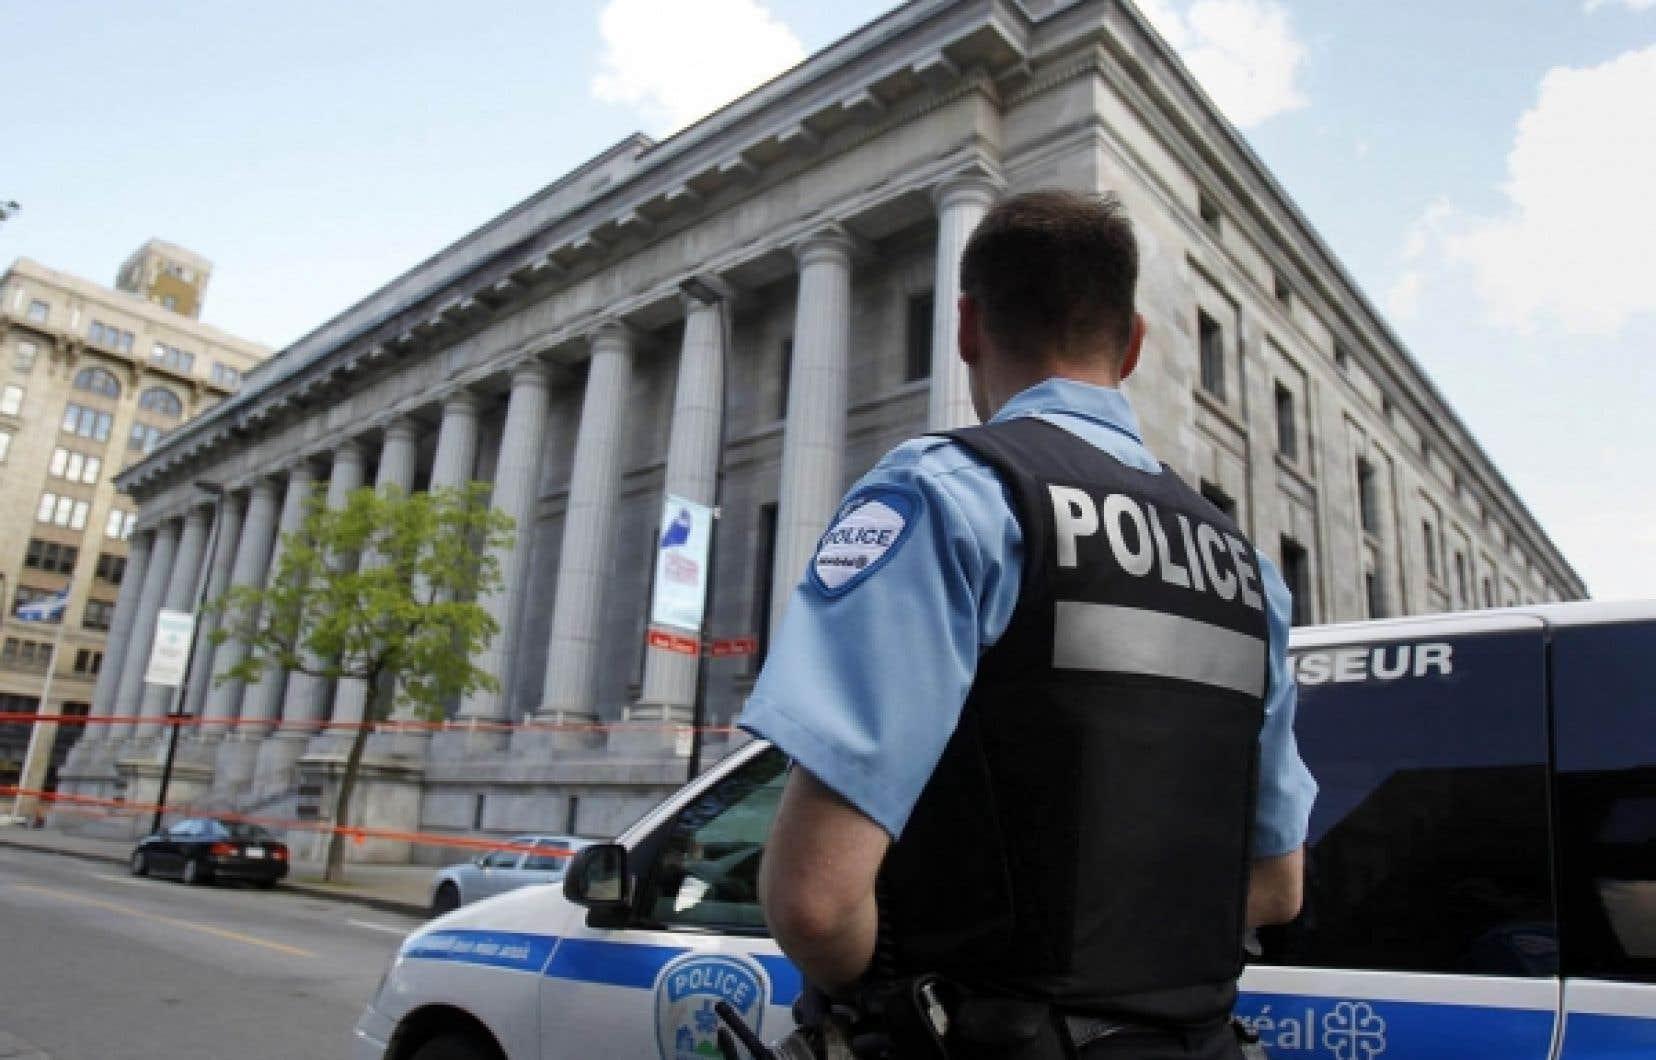 Depuis 35 ans, les dossiers traités par les tribunaux se sont complexifiés, et les formes de la criminalité se sont diversifiées, appelant une modernisation de l'institution juridique. Ci-dessus, un policier devant le palais de justice de Montréal. <br />